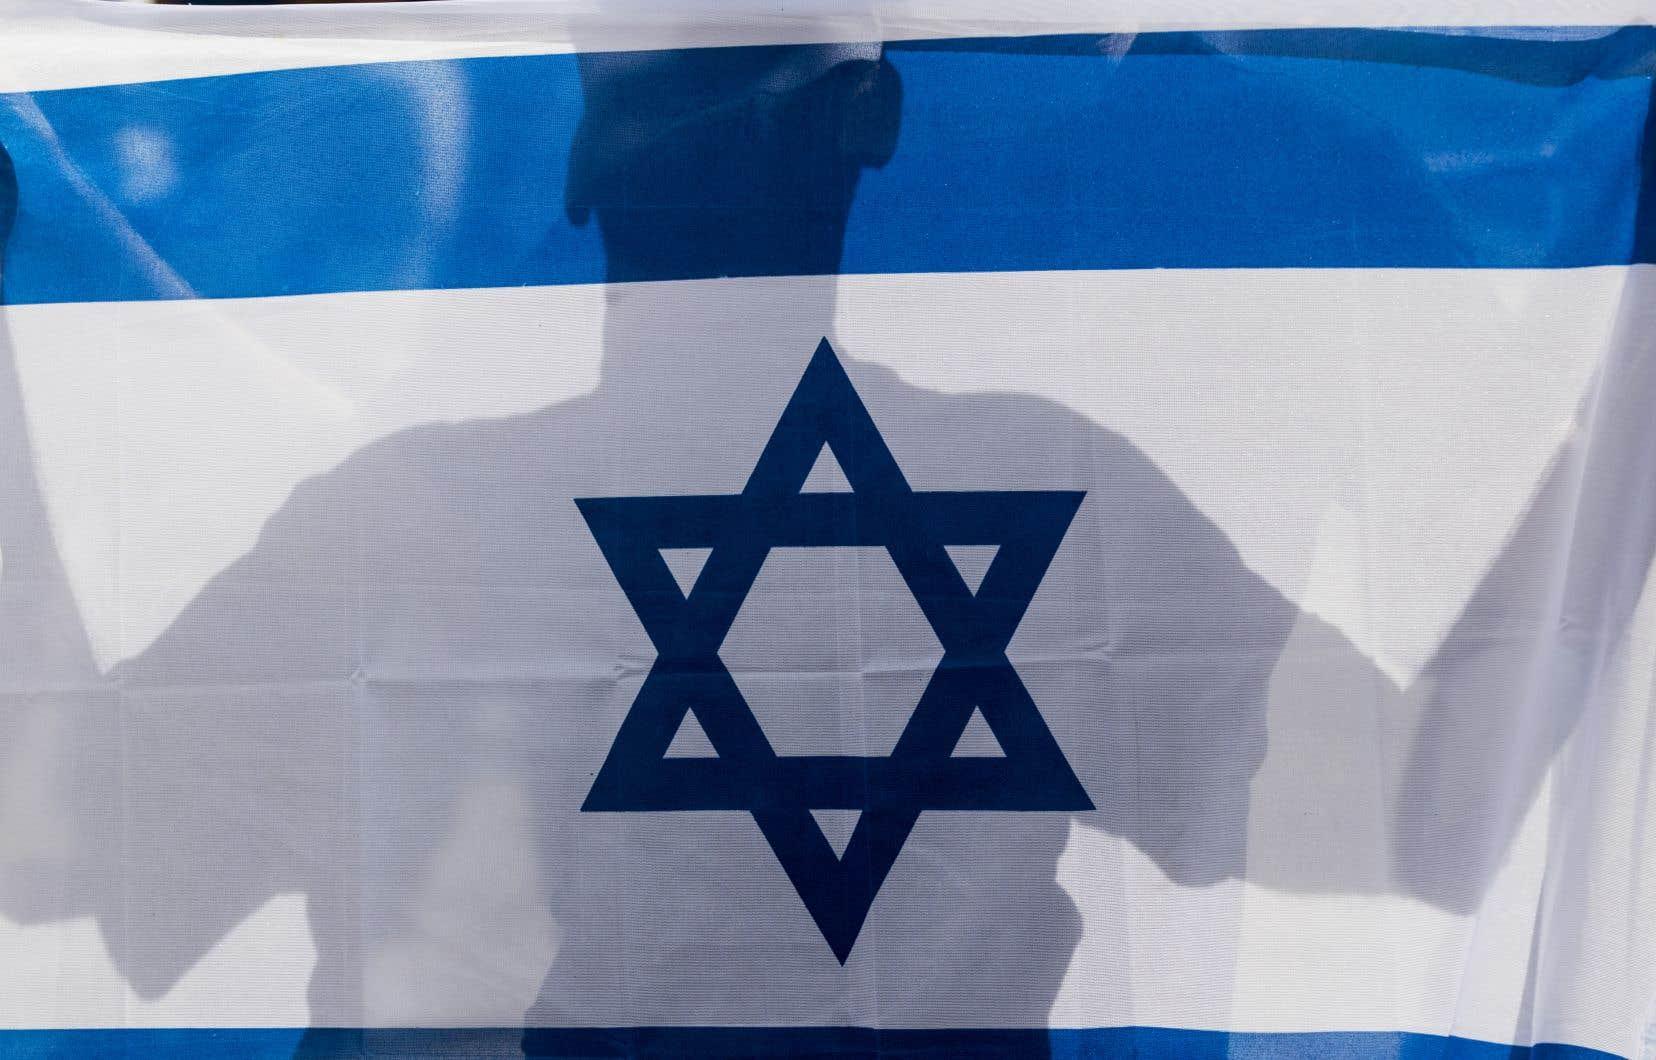 Au risque d'en surprendre certains, il est difficile de convaincre les Israéliens d'accepter un compromis territorial alors qu'ils sont entourés de groupes armés qui réclament leur destruction, estime l'auteur.